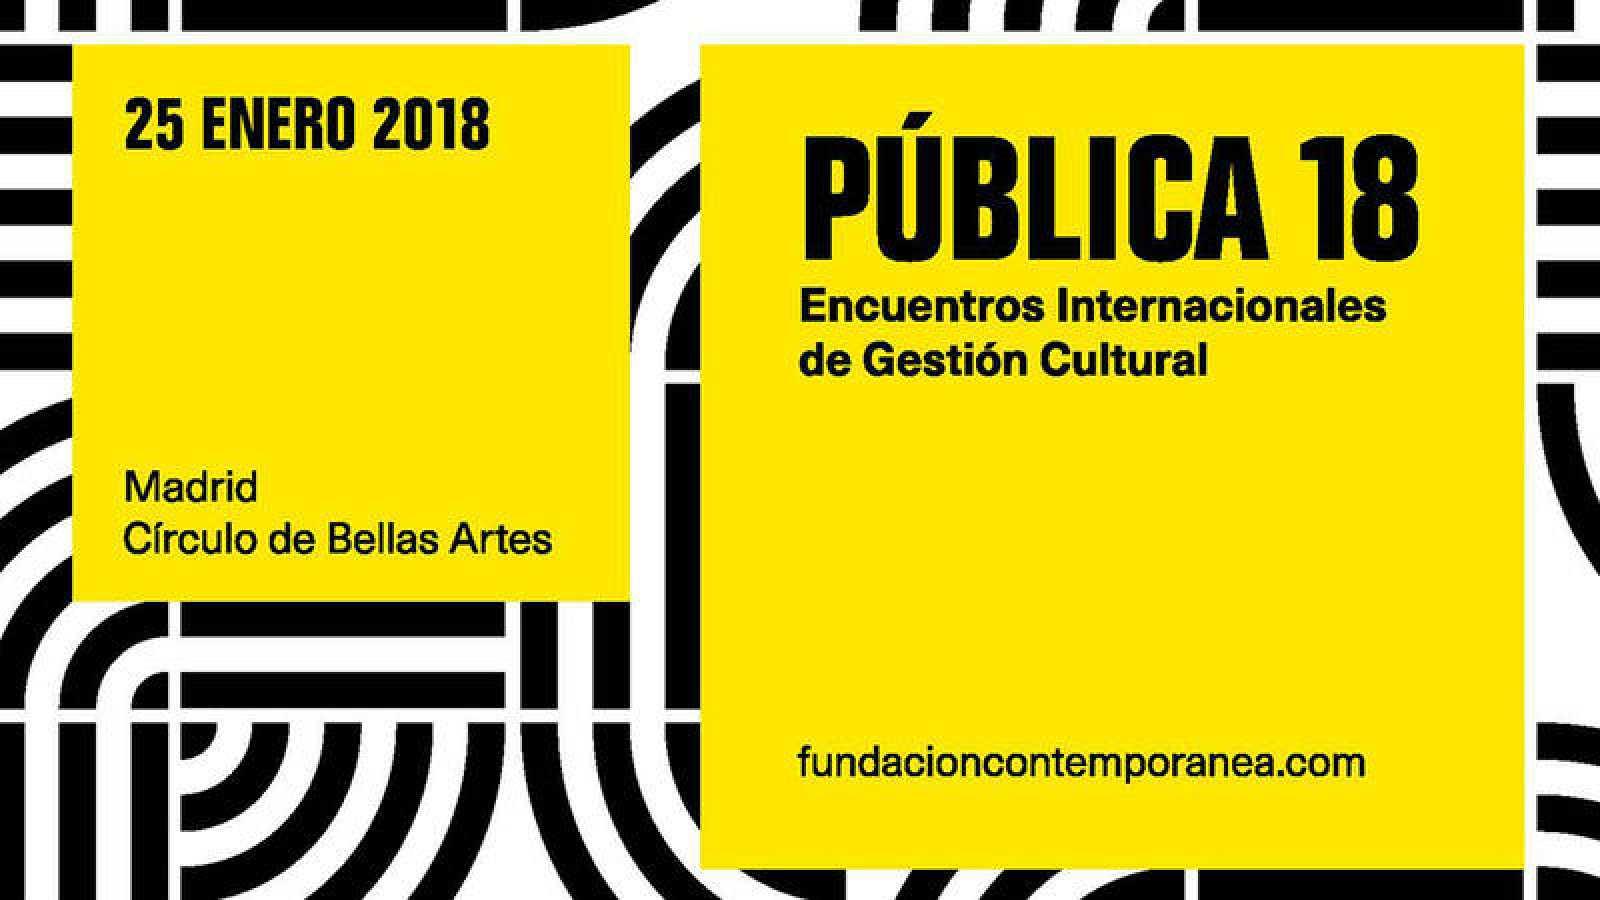 'Hoy Empieza Todo' y 'Efecto Doppler' este jueves en directo en el Círculo de Bellas Artes de Madrid